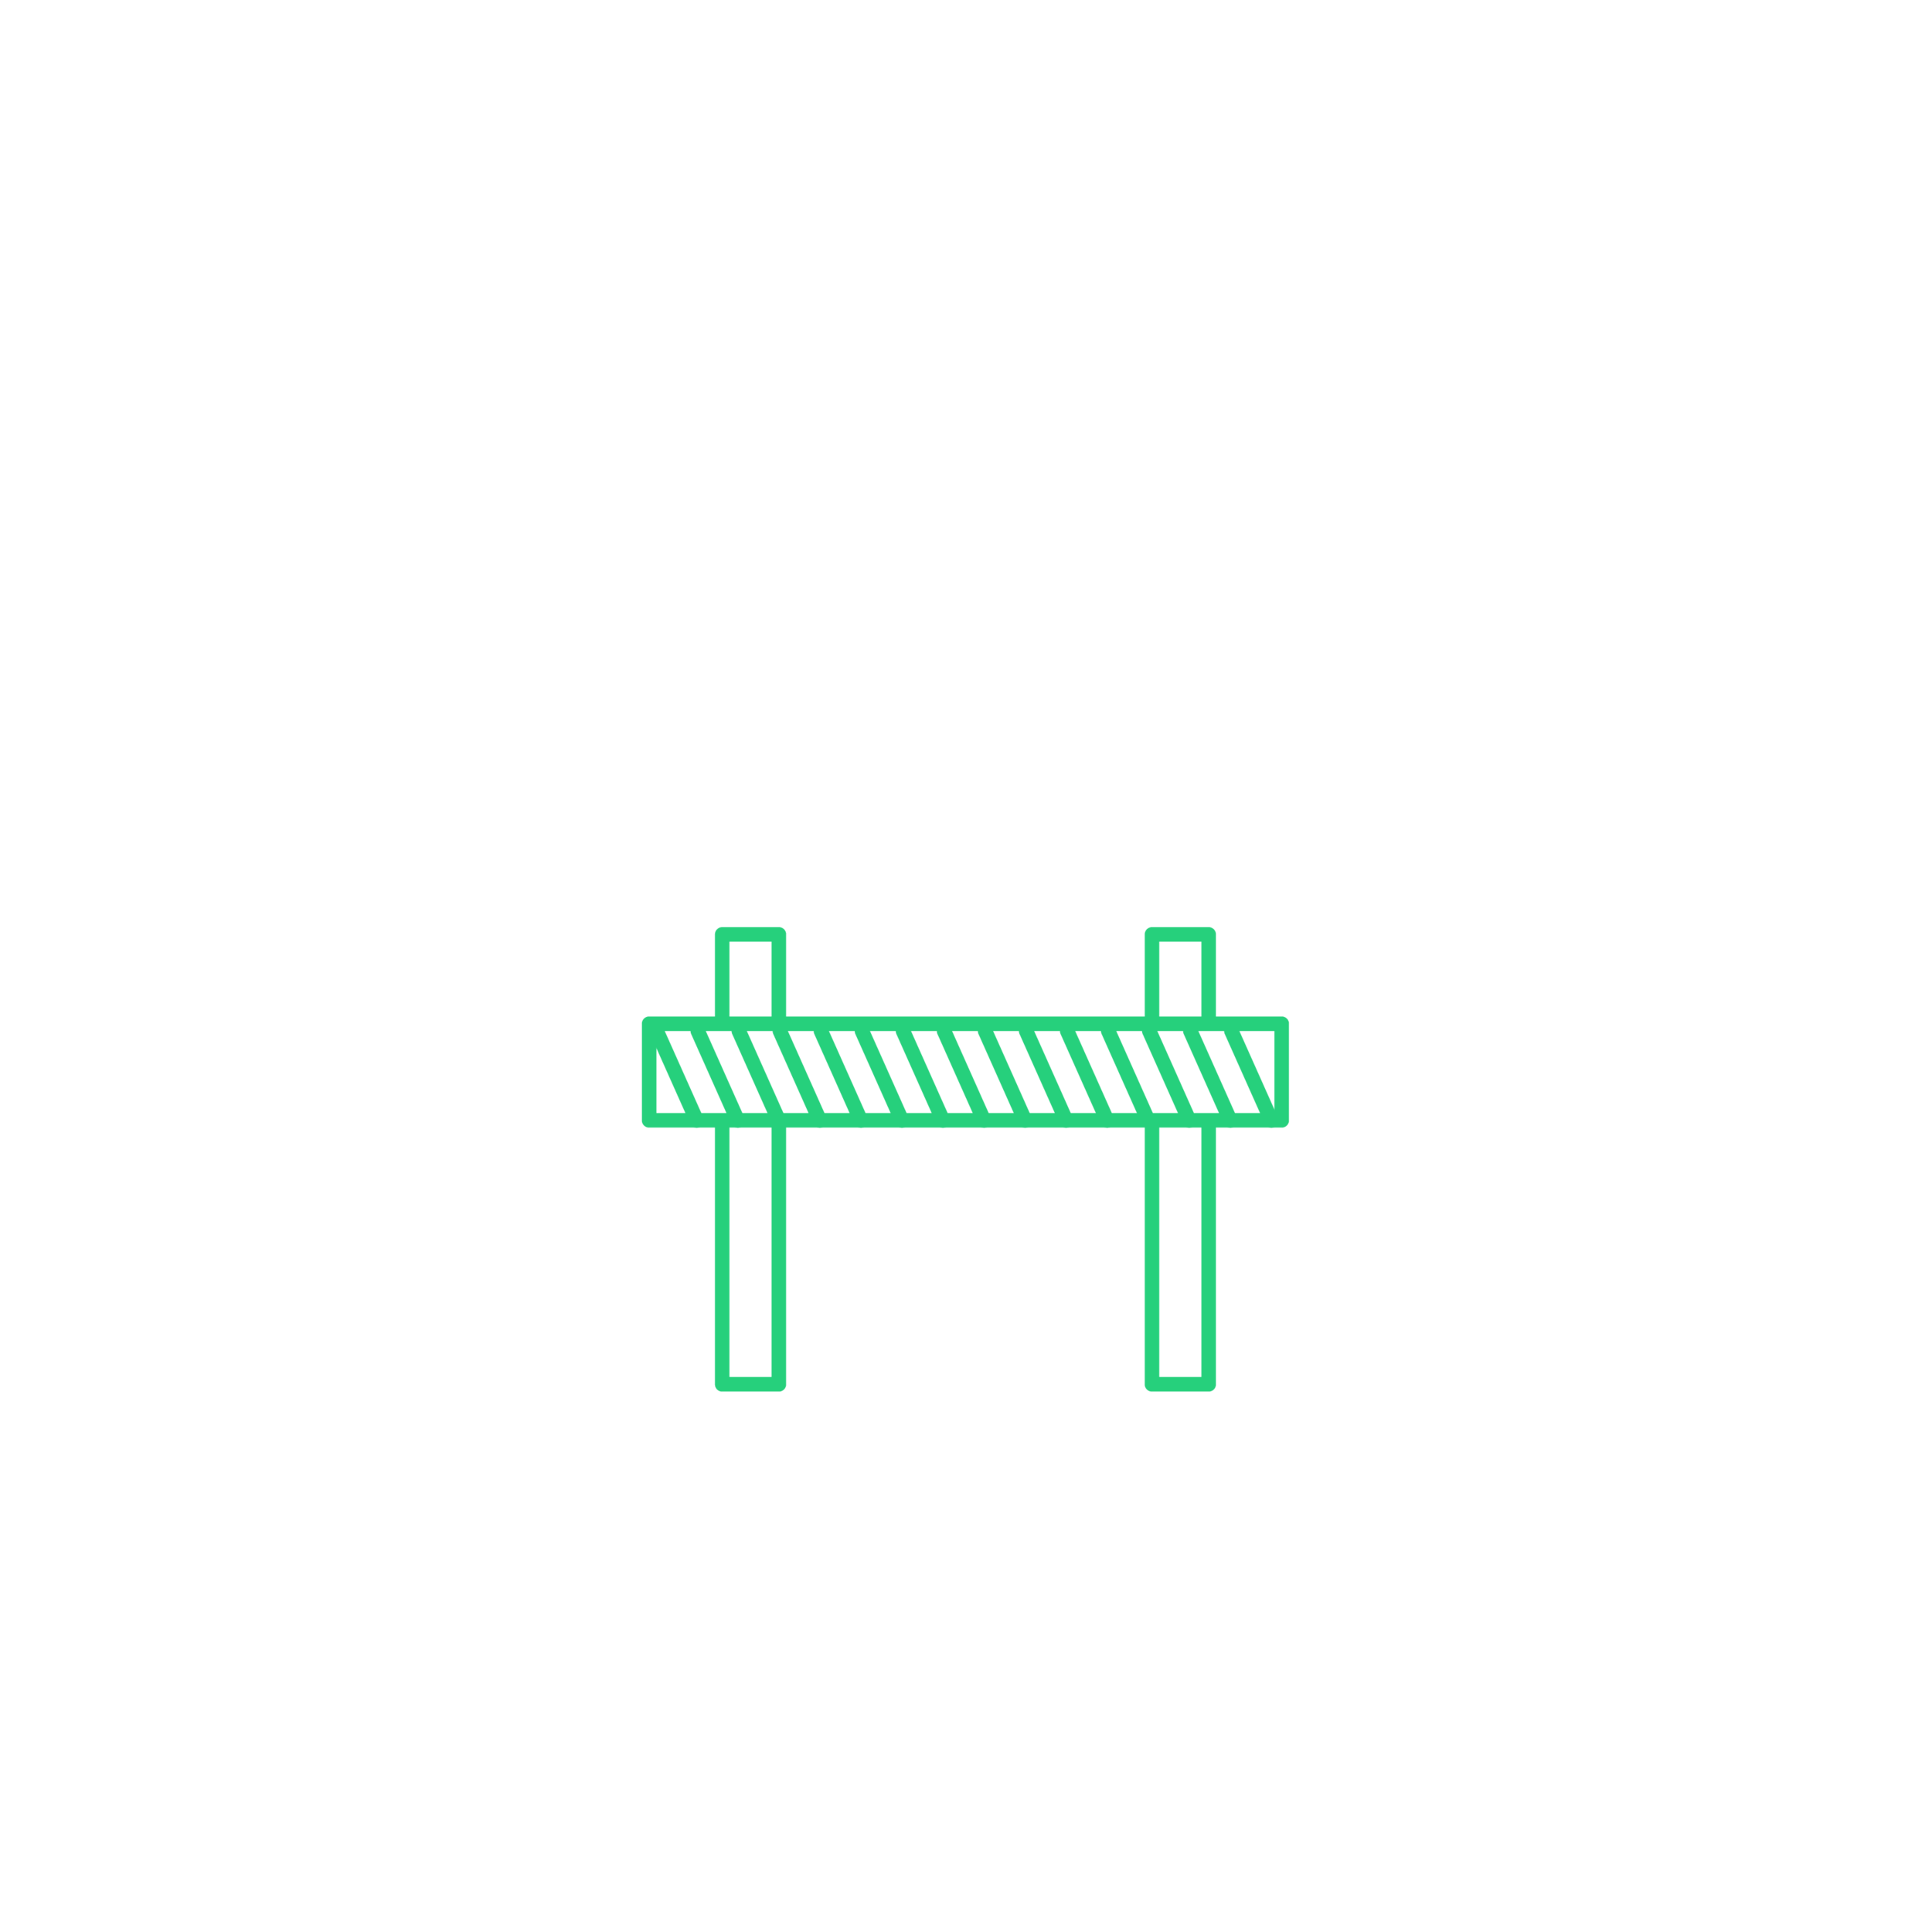 icon_hurdle-02.png